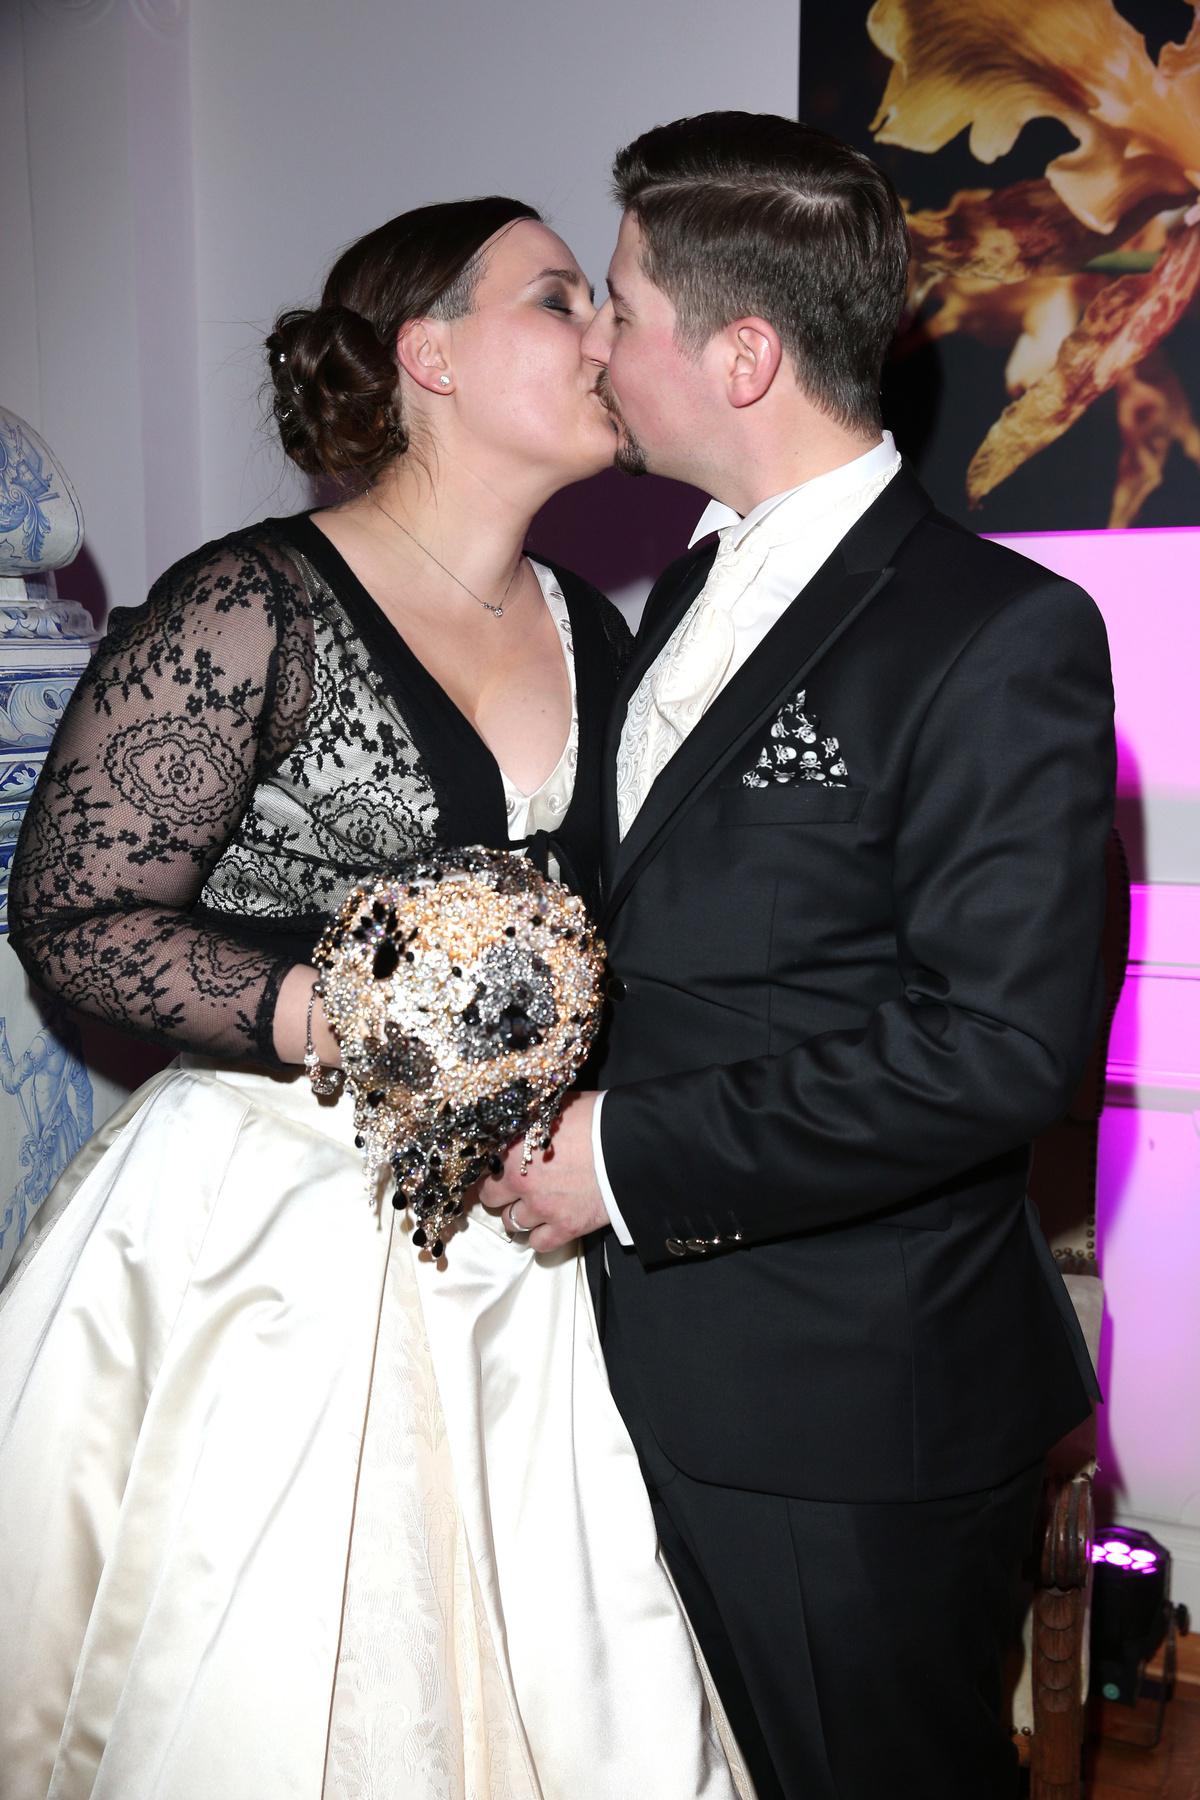 Az ifjú pár csókjával búcsúzunk ettől a szép eseménytől.